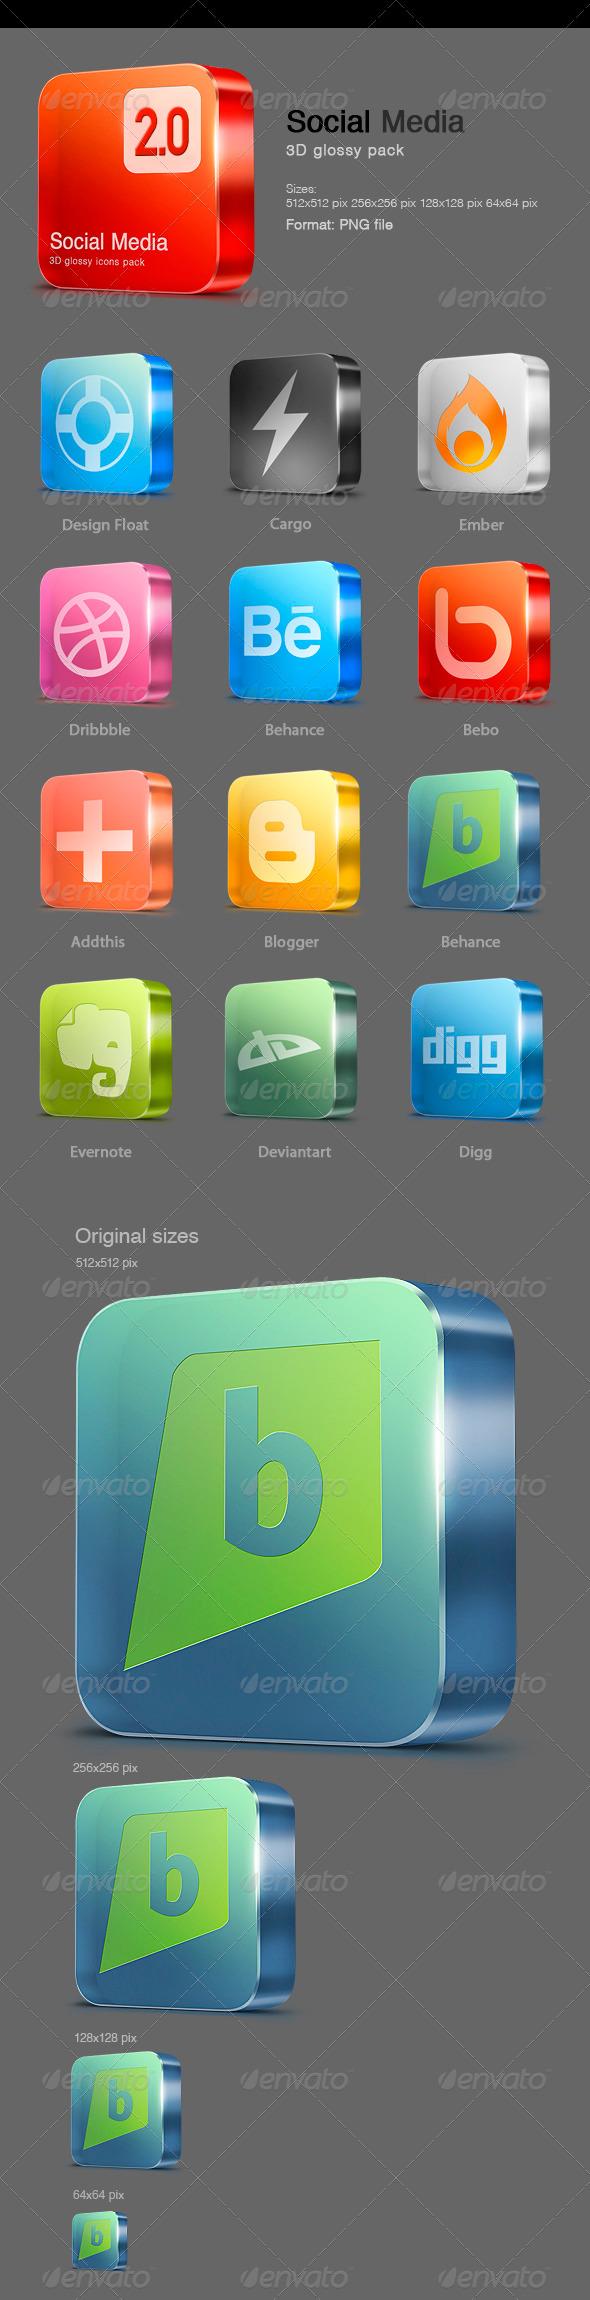 GraphicRiver 12 Glossy Social Media icons v 2.0 555458